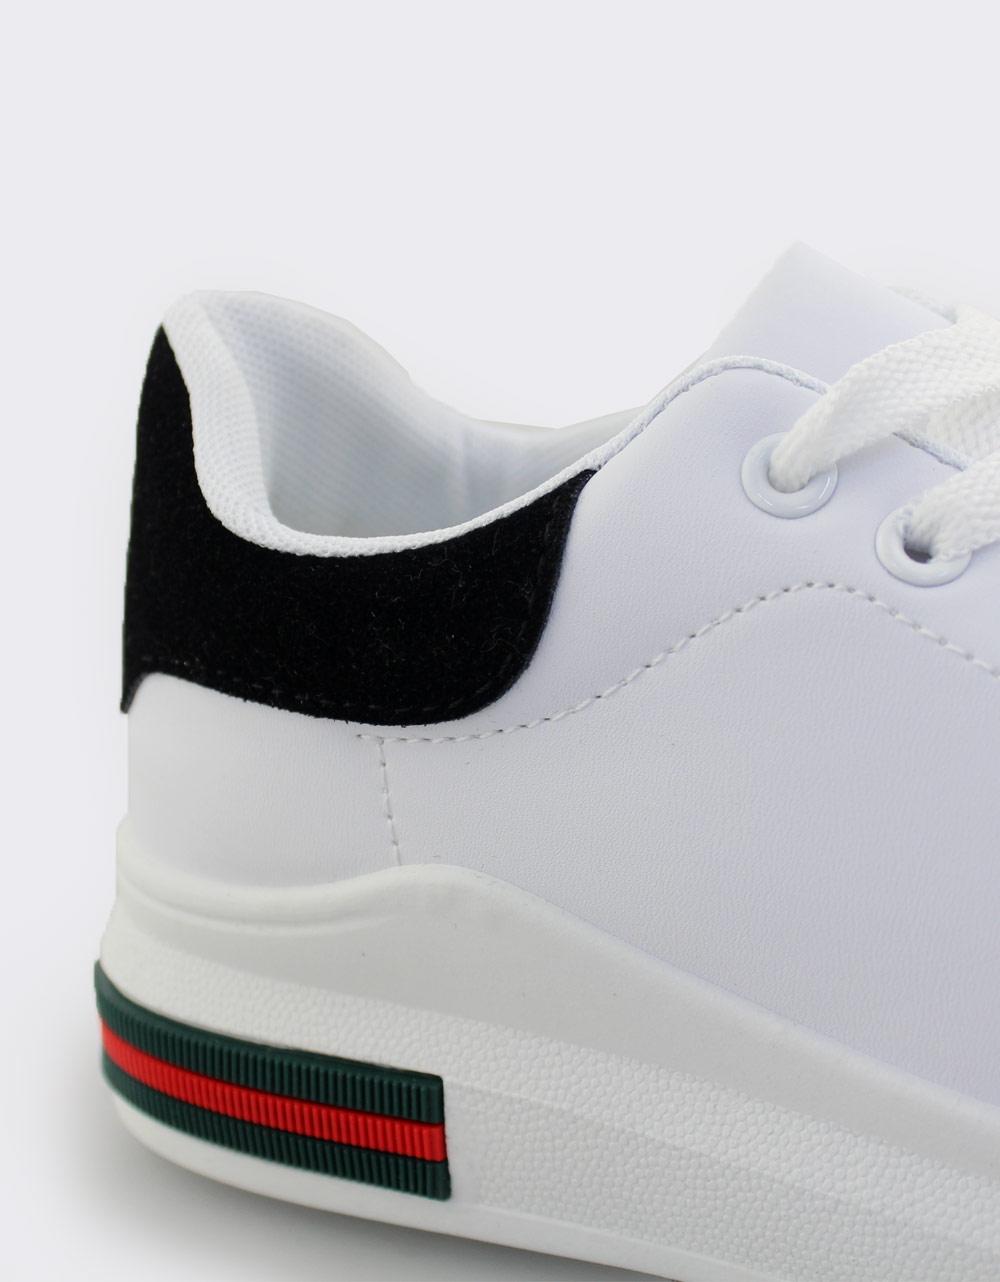 Εικόνα από Γυναικεία sneakers με δίχρωμο σχέδιο Λευκό/Μαύρο